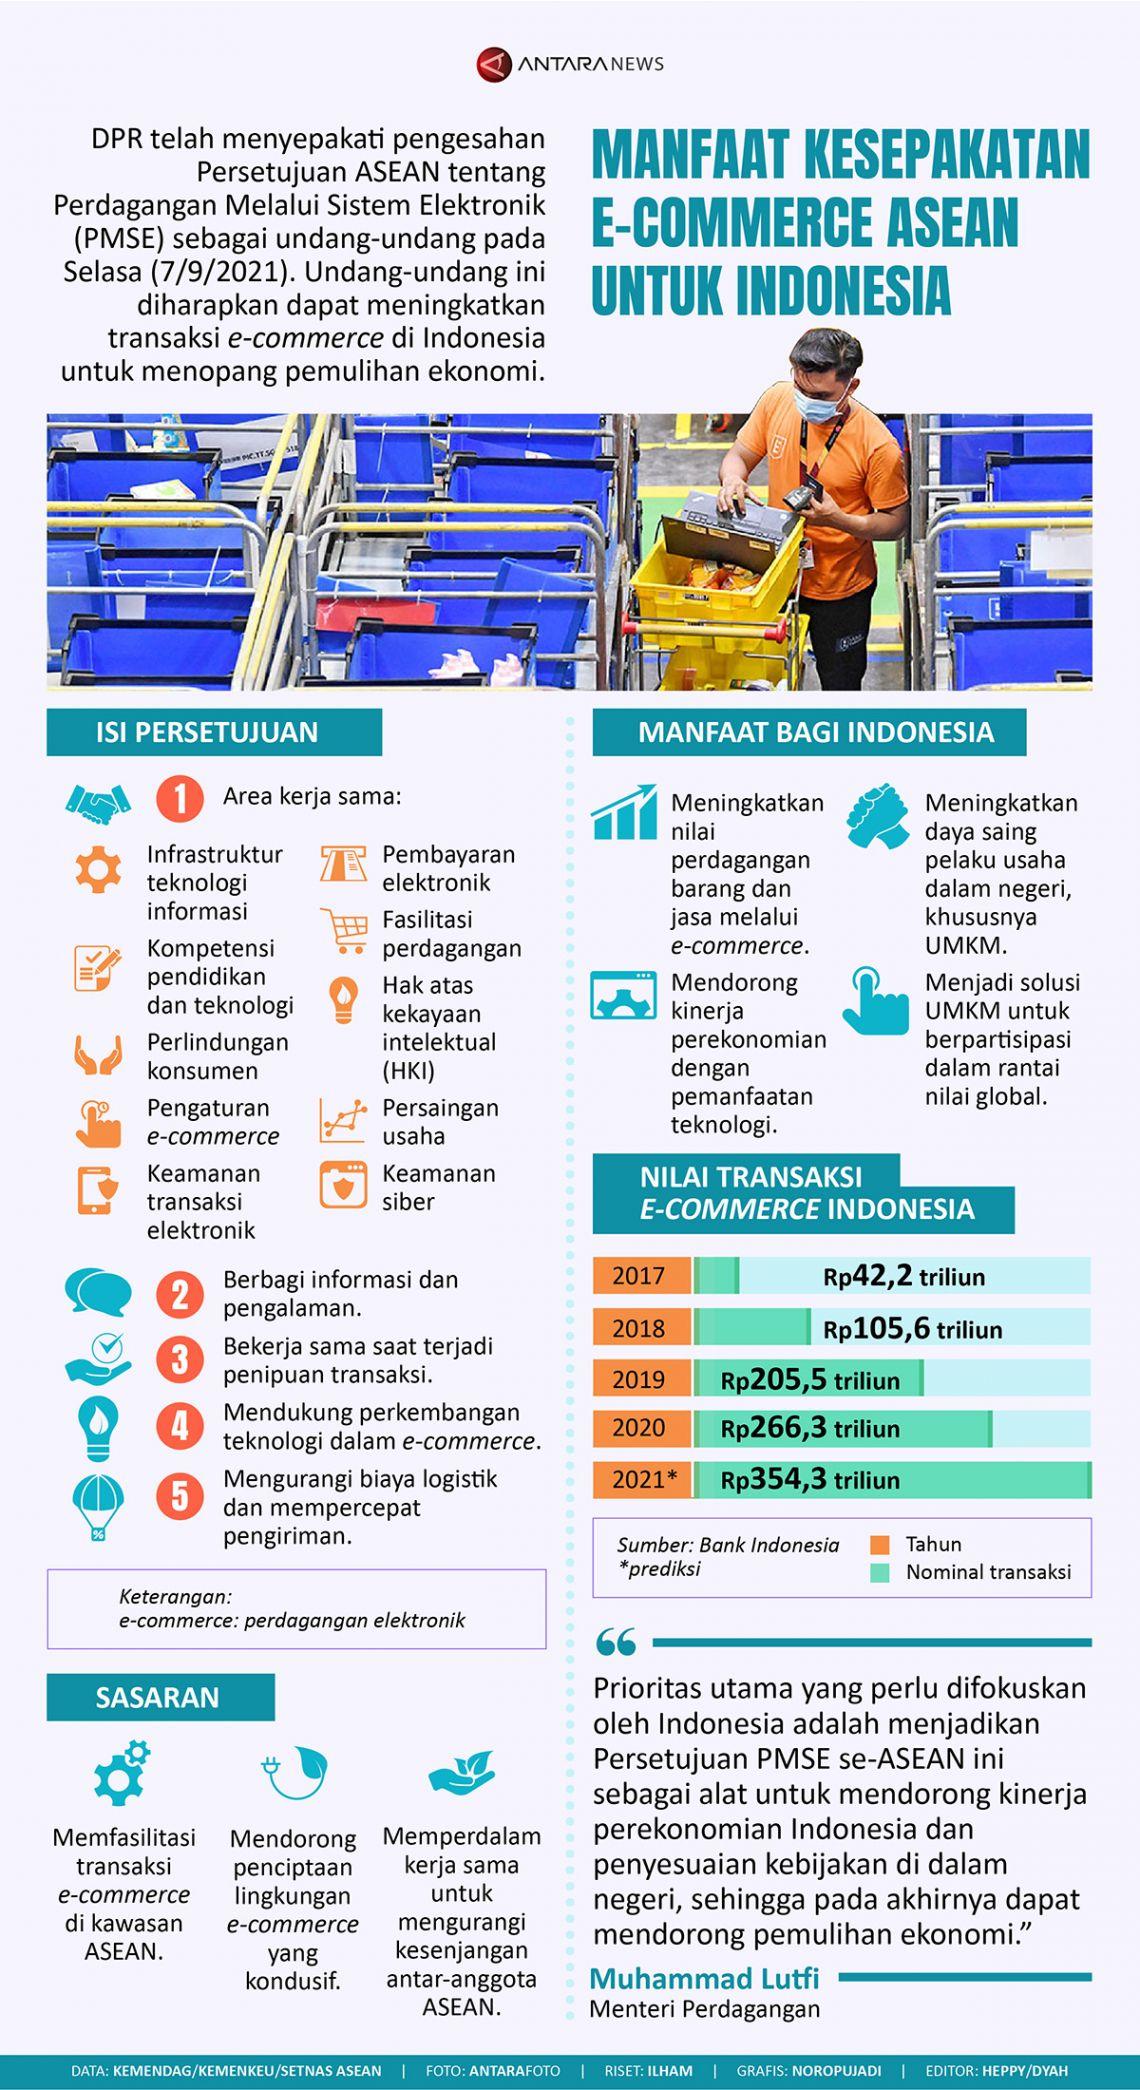 Manfaat kesepakatan e-commerce ASEAN untuk Indonesia